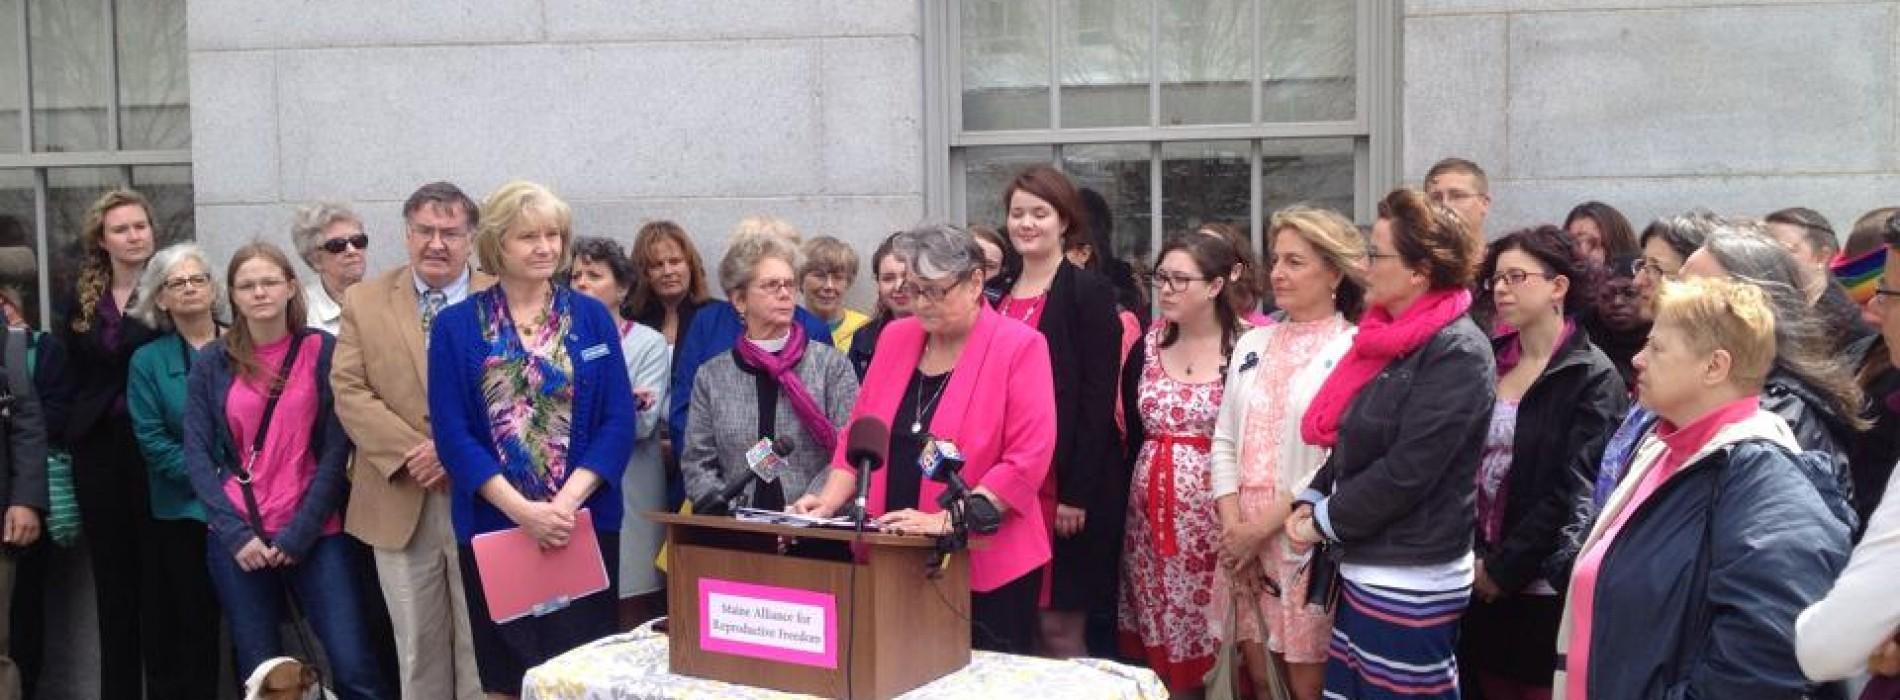 Will Maine legislators stand with Maine women?